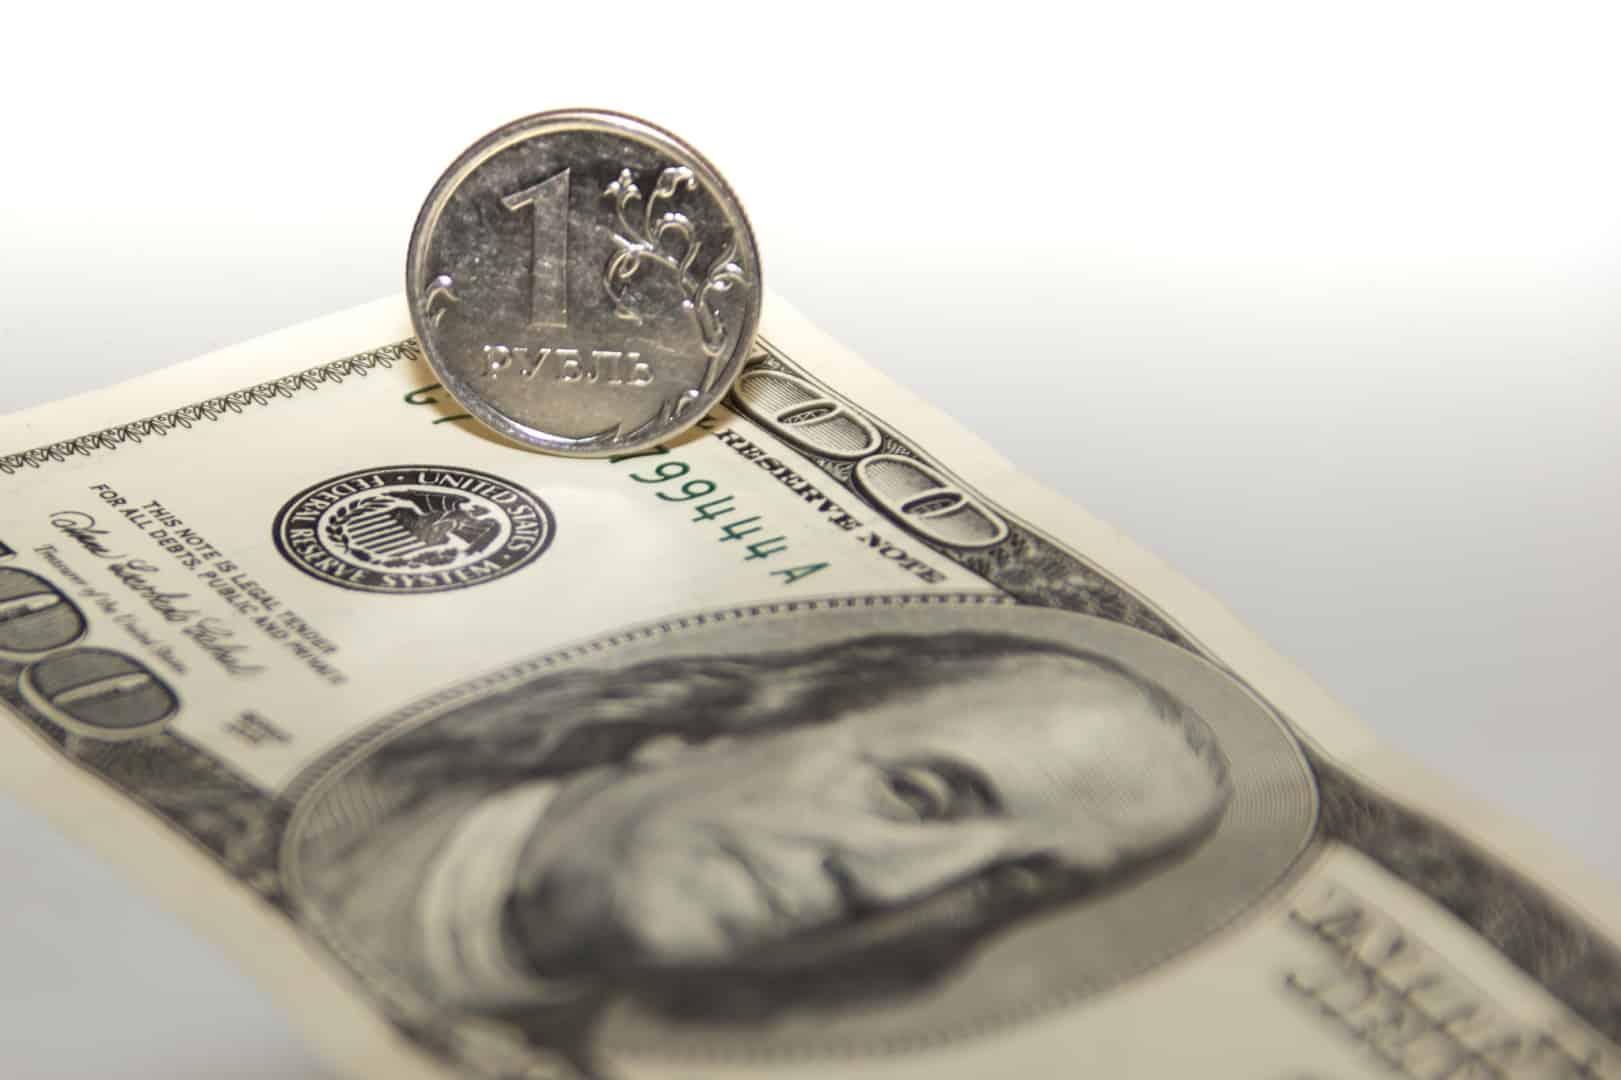 Курс доллара на неделю с 23 по 27 декабря 2019: прогнозы экспертов